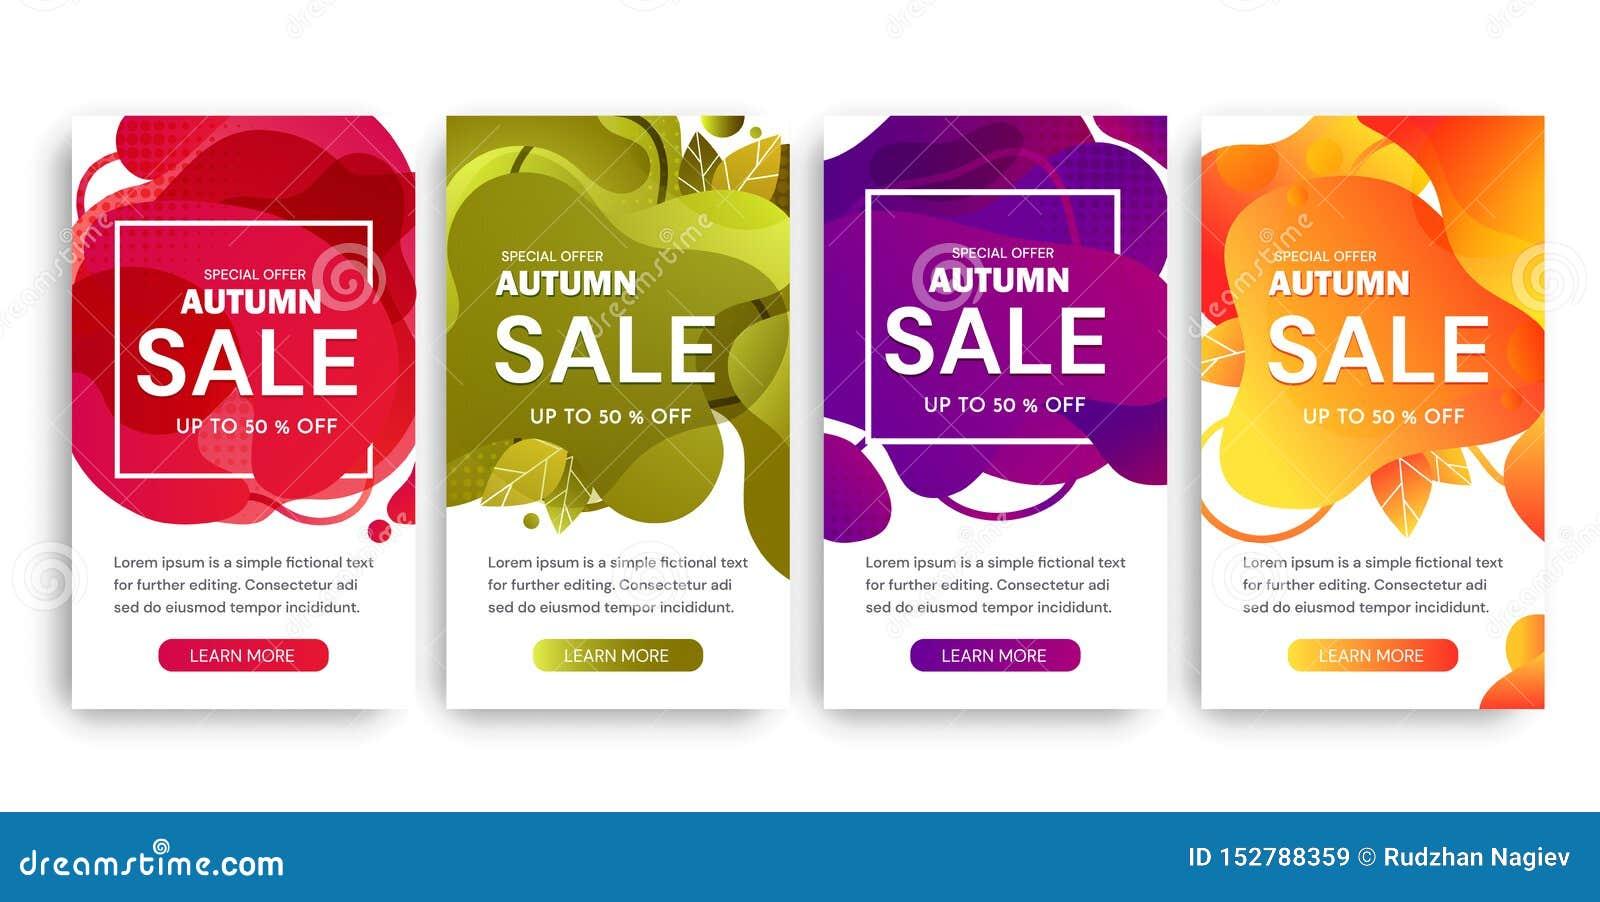 Σύνολο τεσσάρων σχεδίων αφισών πώλησης φθινοπώρου στα διαφορετικά χρώματα που προσφέρουν μέχρι την έκπτωση 50 τοις εκατό και τις